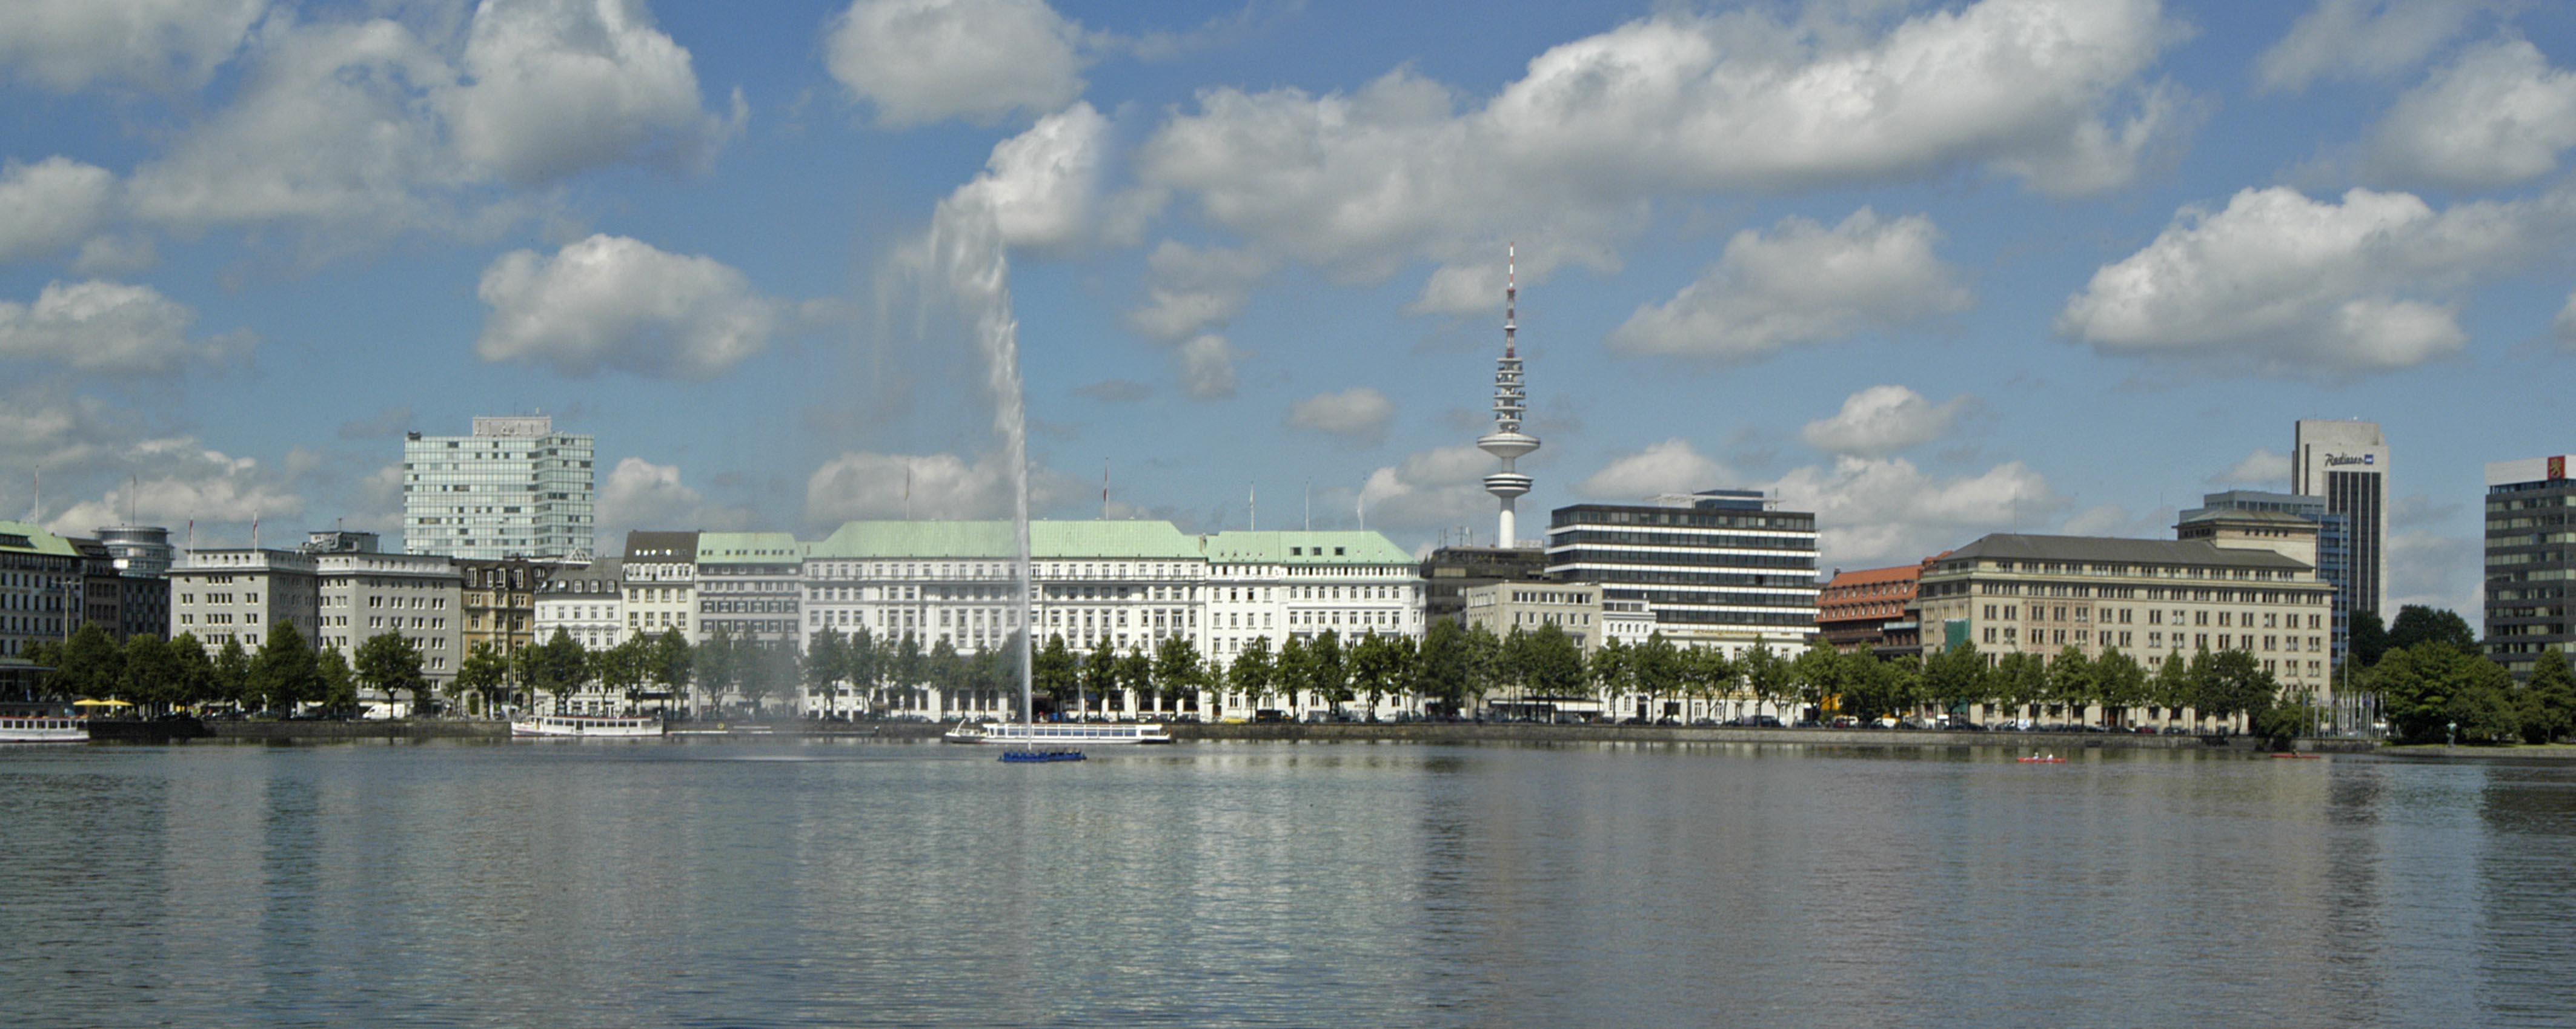 Man kan inte åka särskilt långa sträckor utan att stöta på vatten i hamnstaden Hamburg. Här den konstgjorda sjön Alster som ligger mitt i stan.